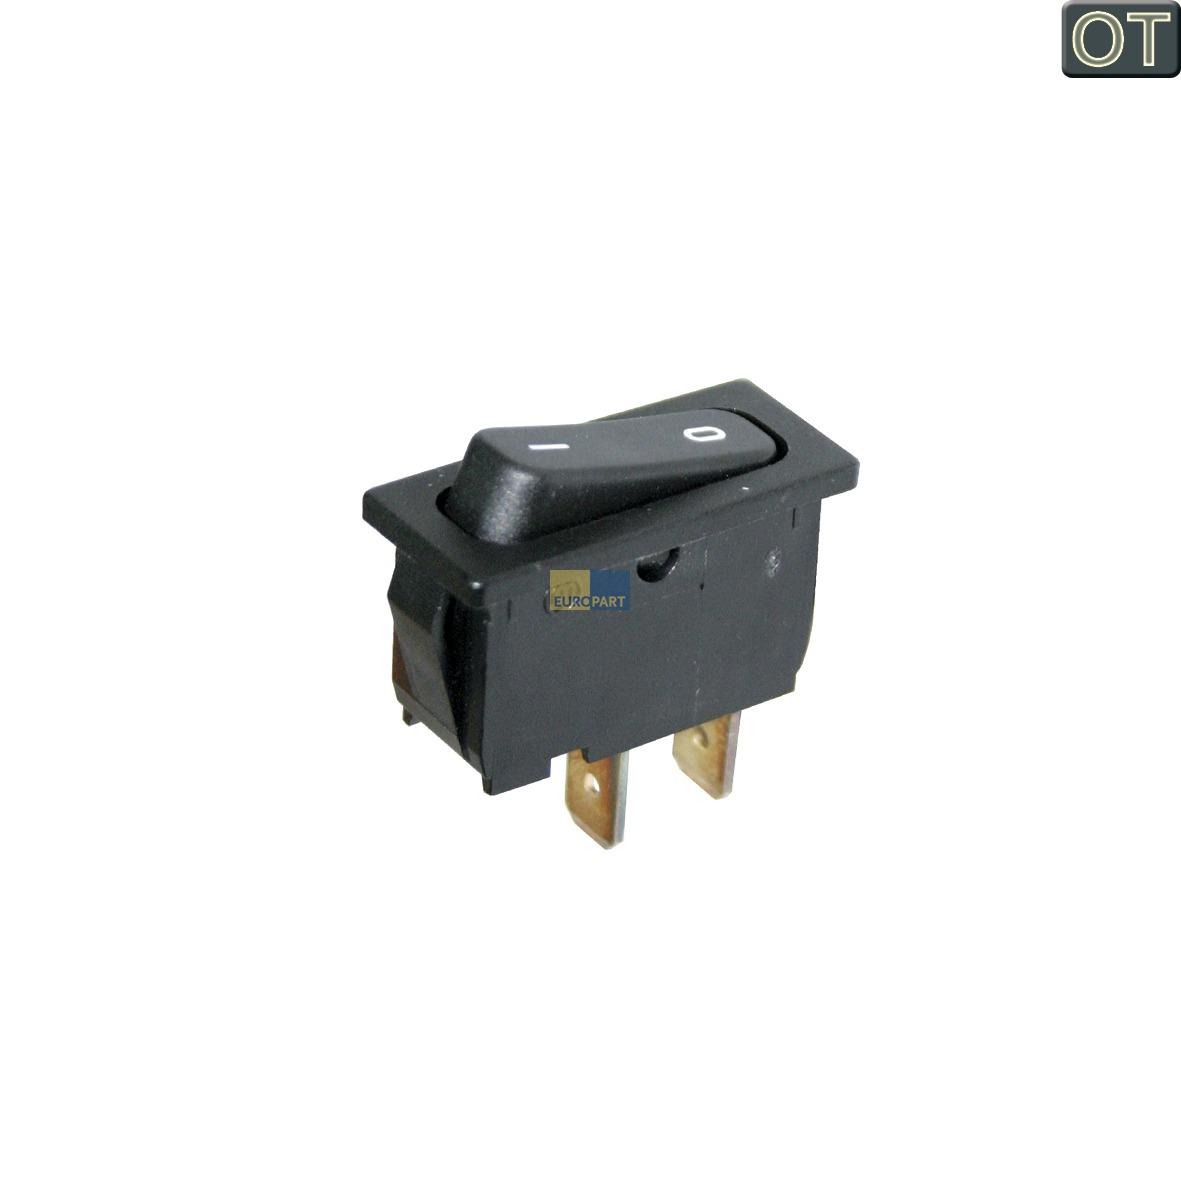 Tastenschalter Lichtschalter Neff 00030988 Ot Abea Hausgerate